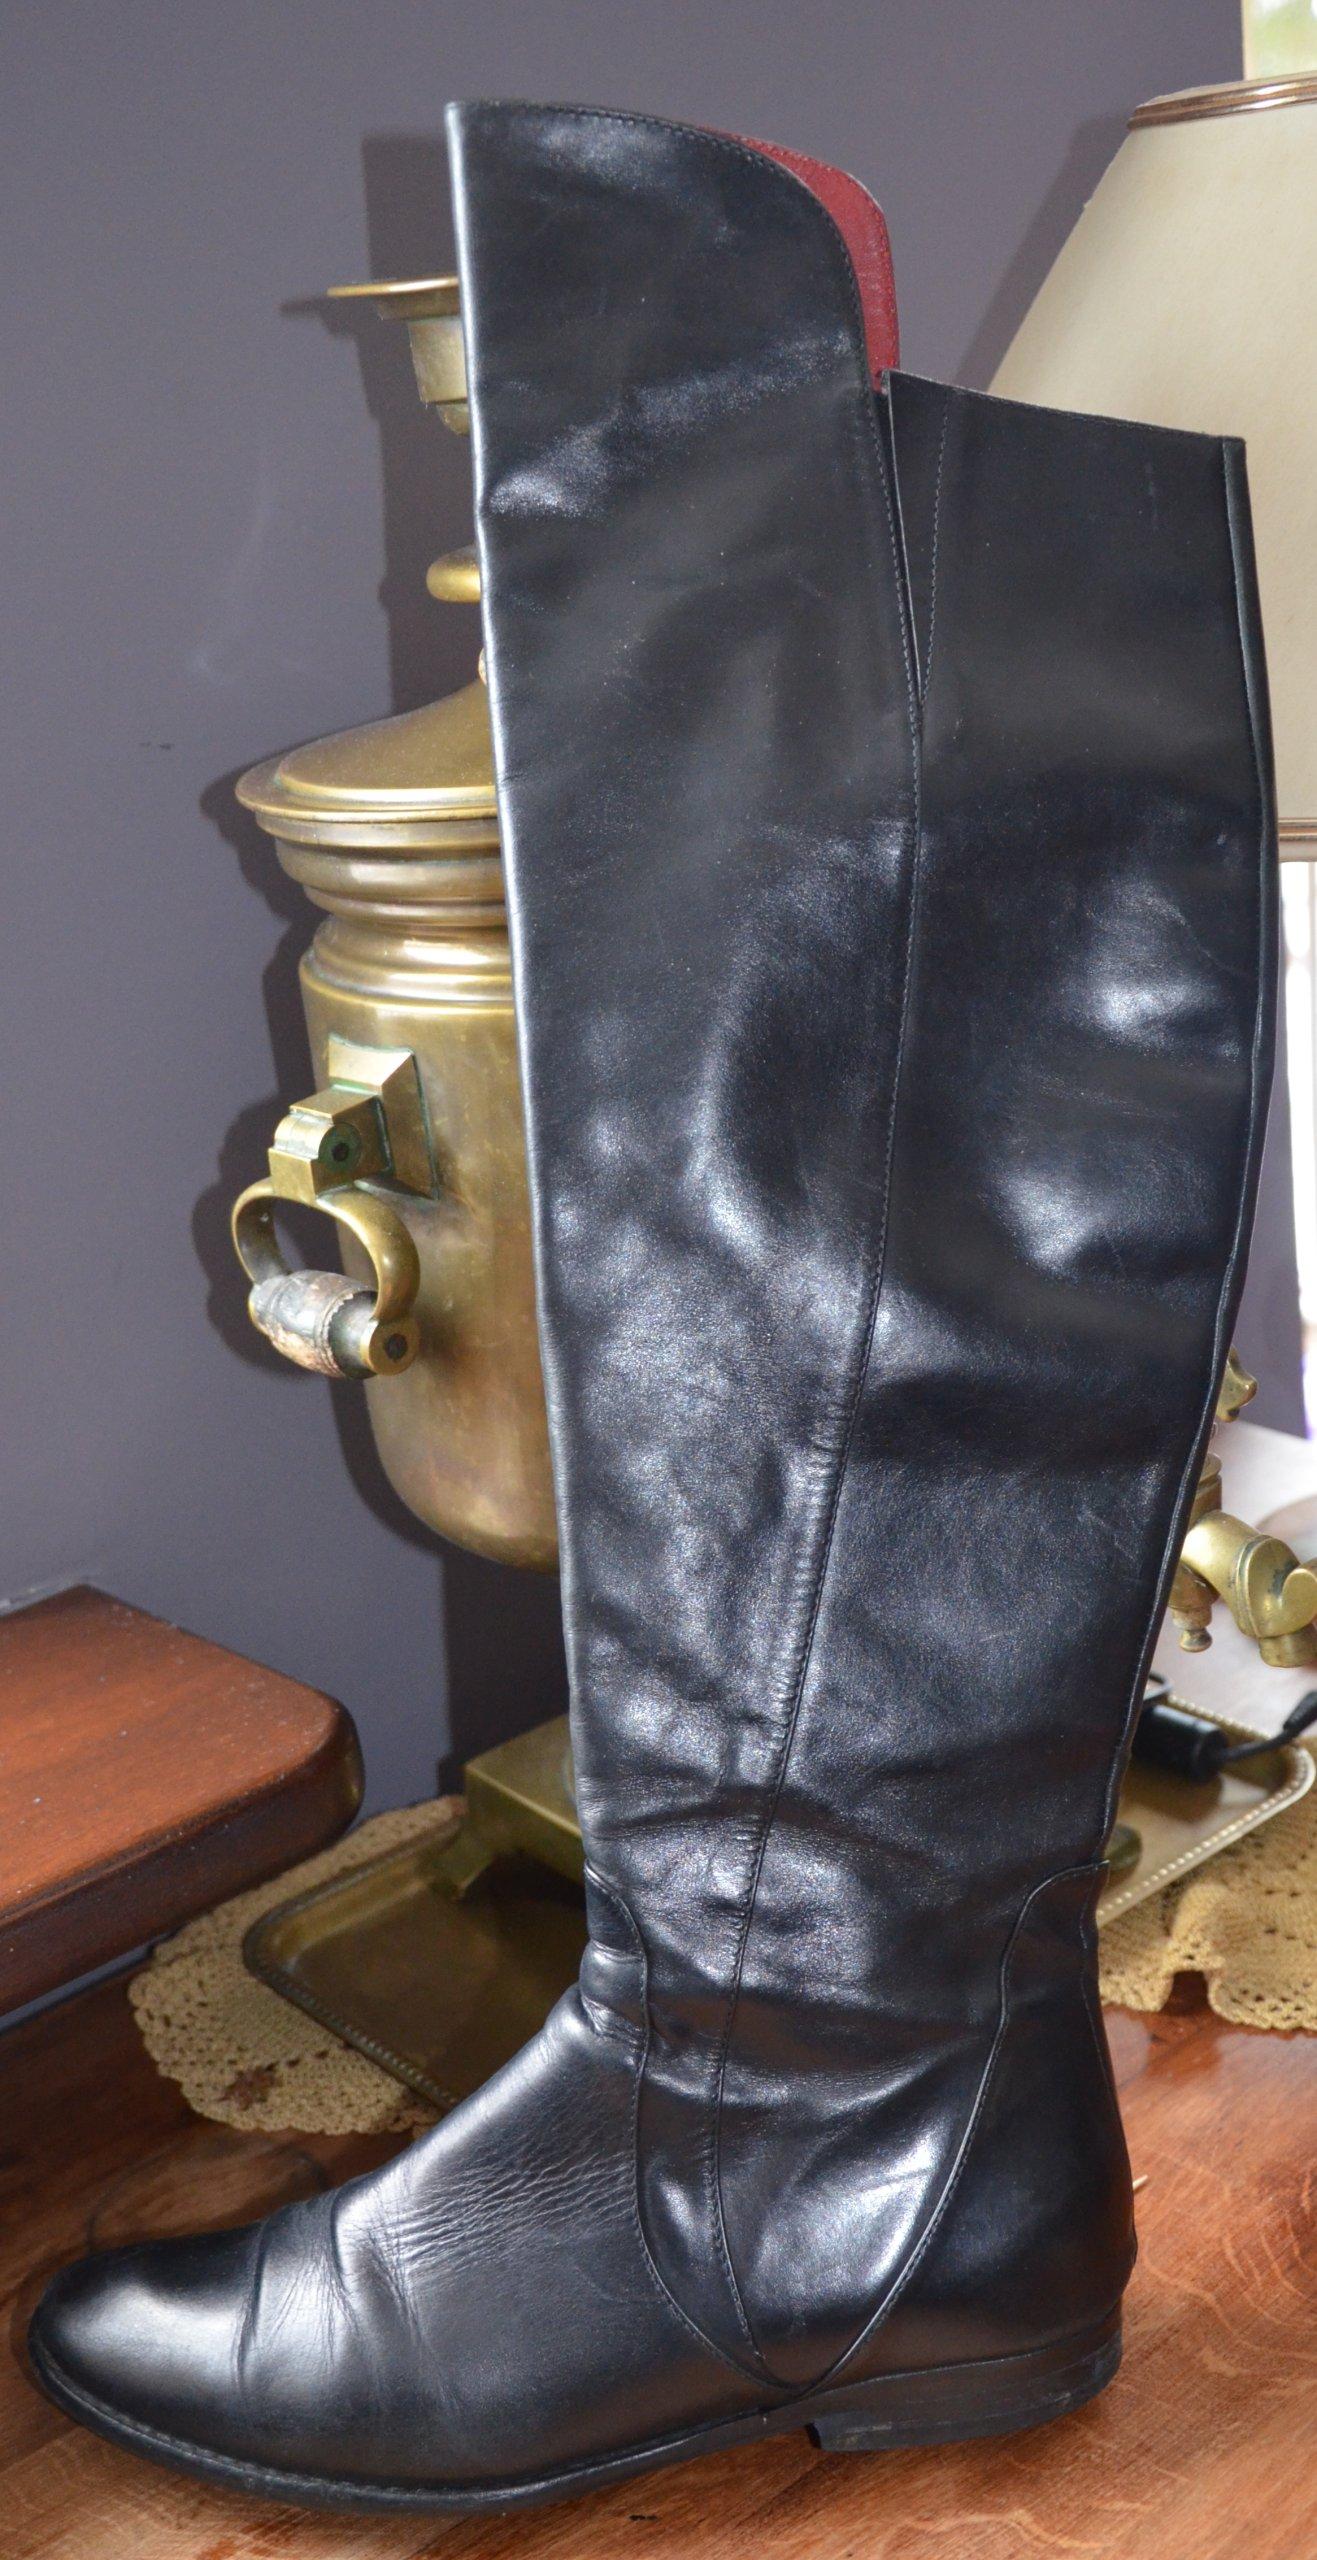 ad76b1849a771 Kozaki muszkieterki skóra naturalna KAZAR 38 - 7165311305 ...